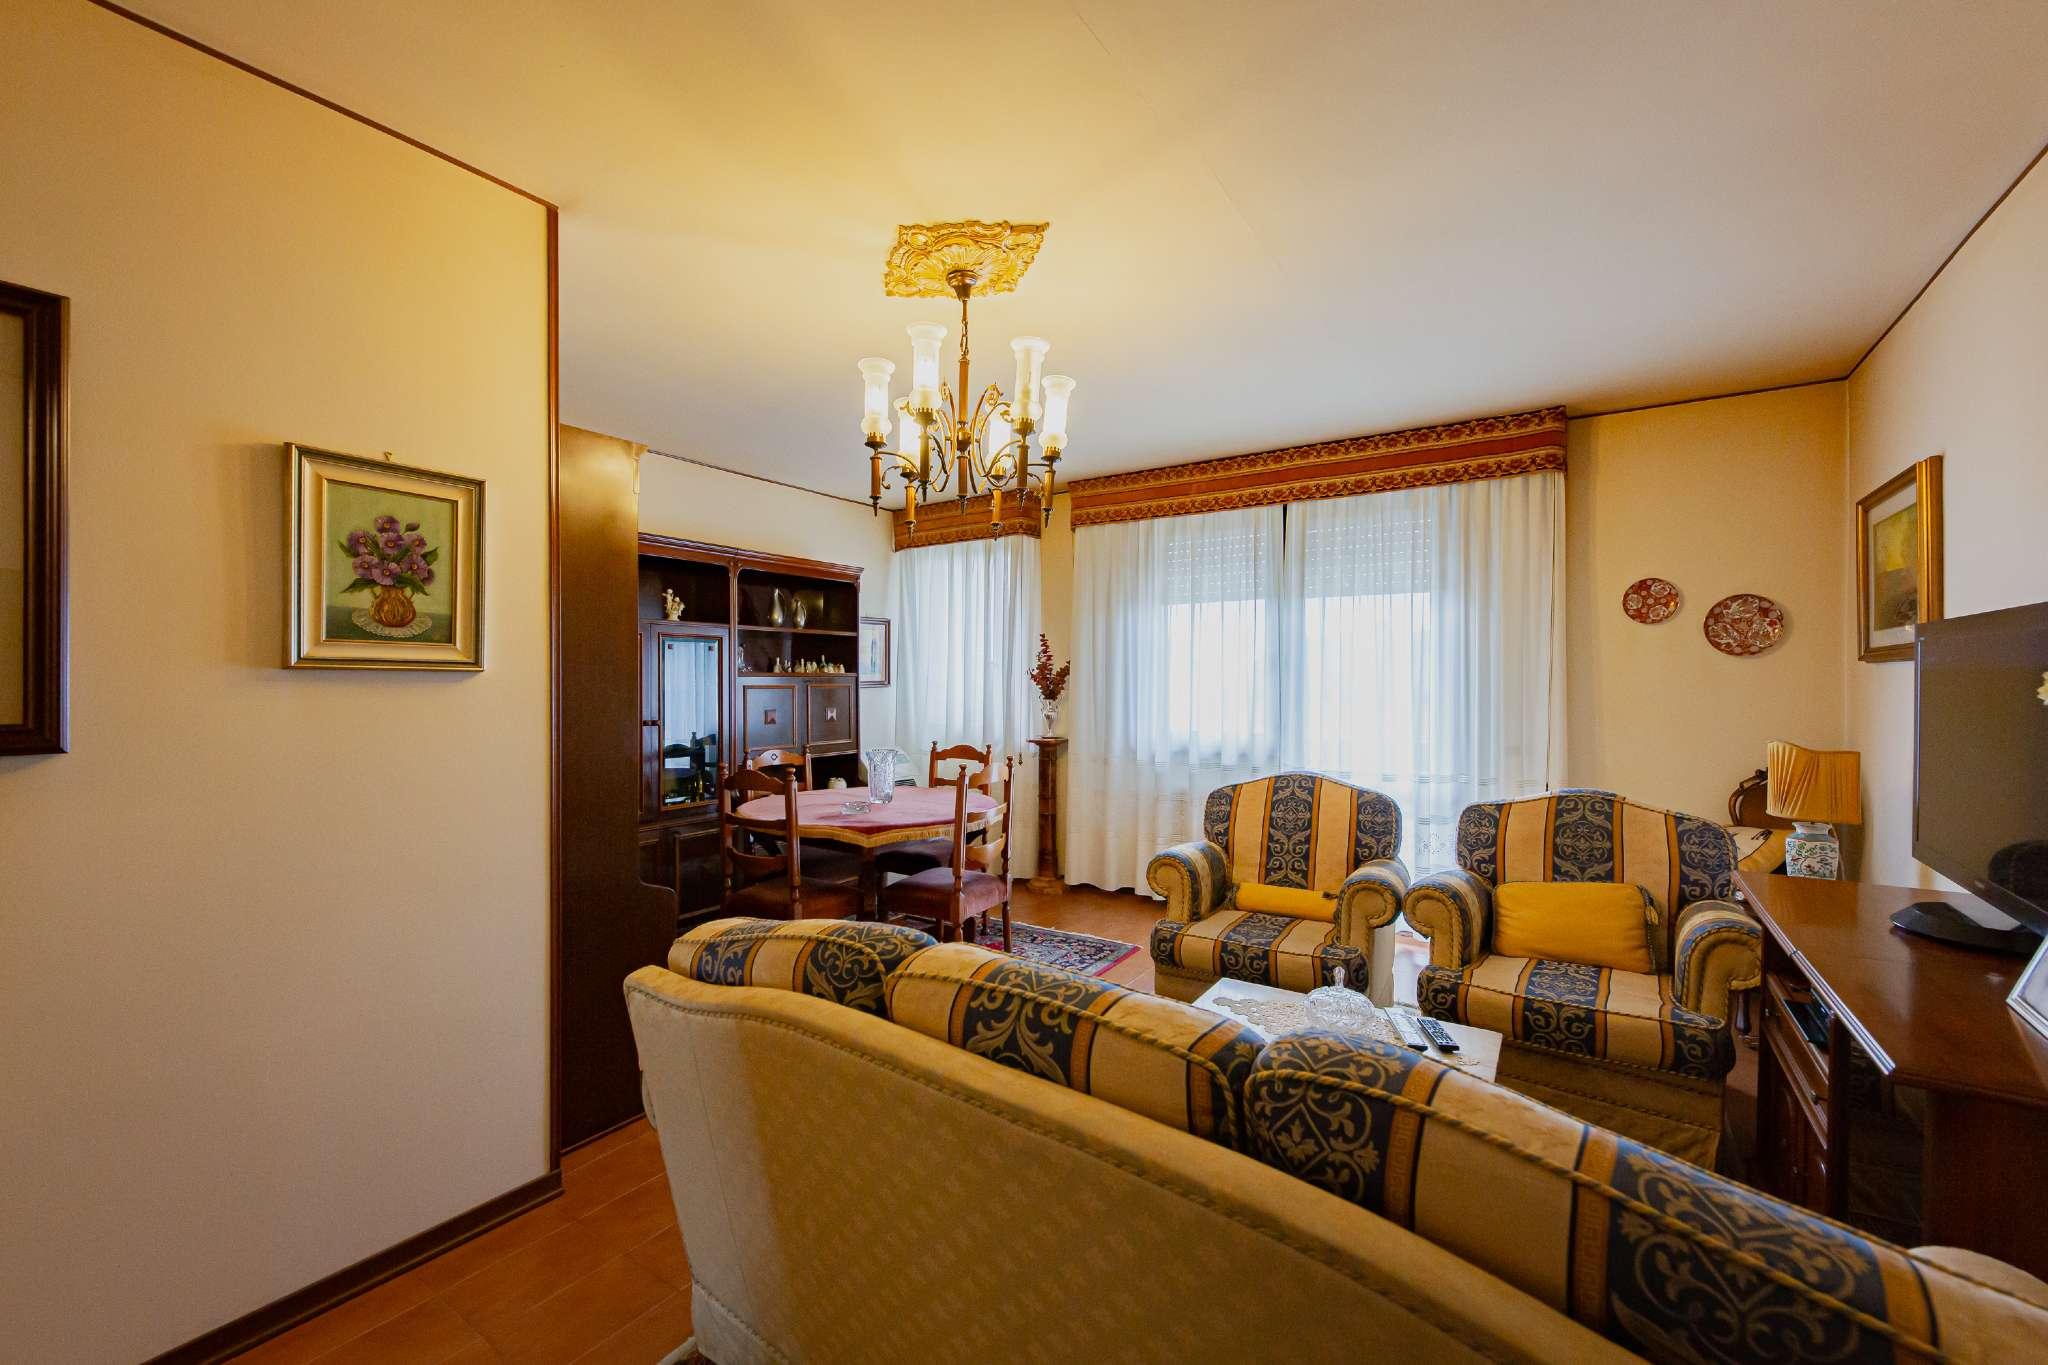 Appartamento in vendita a Udine, 5 locali, prezzo € 143.000 | PortaleAgenzieImmobiliari.it